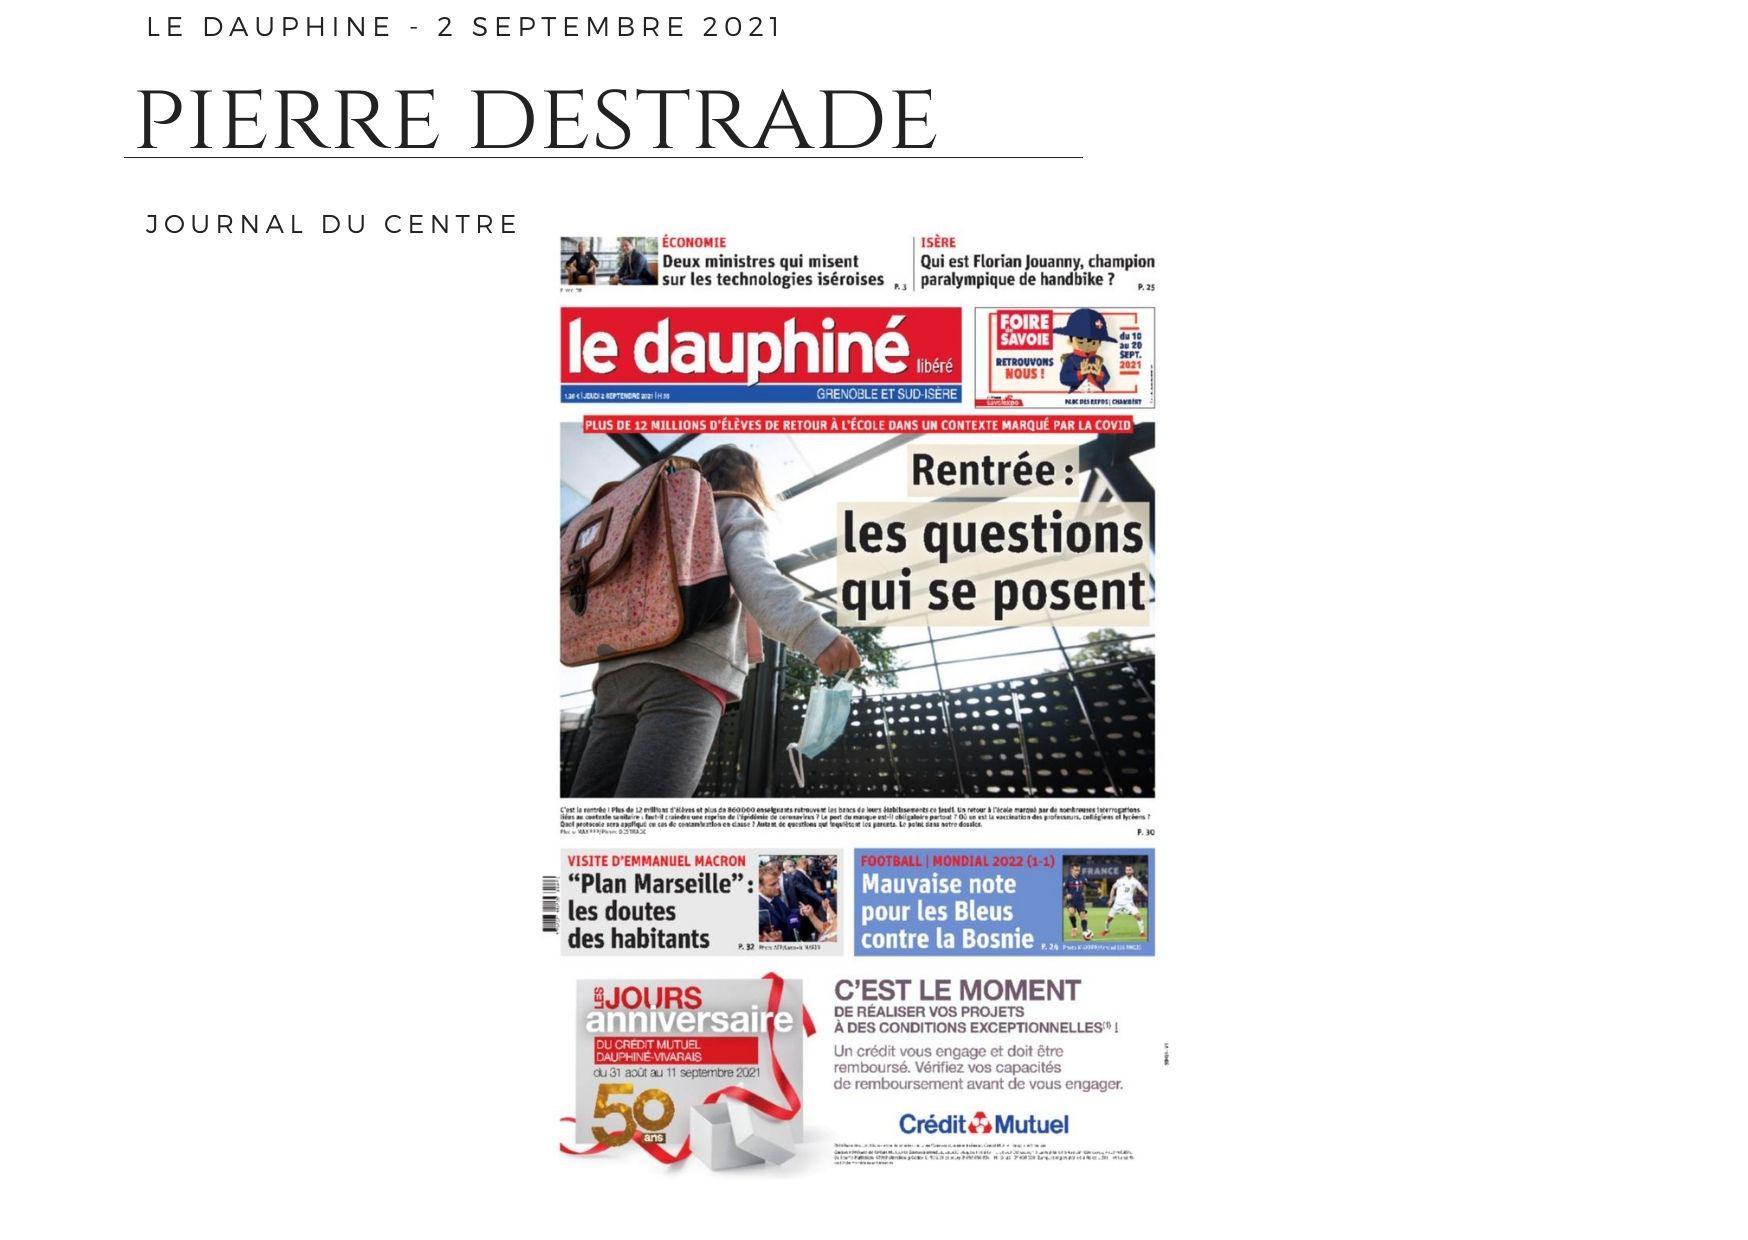 Le Dauphiné - 2 septembre 2021